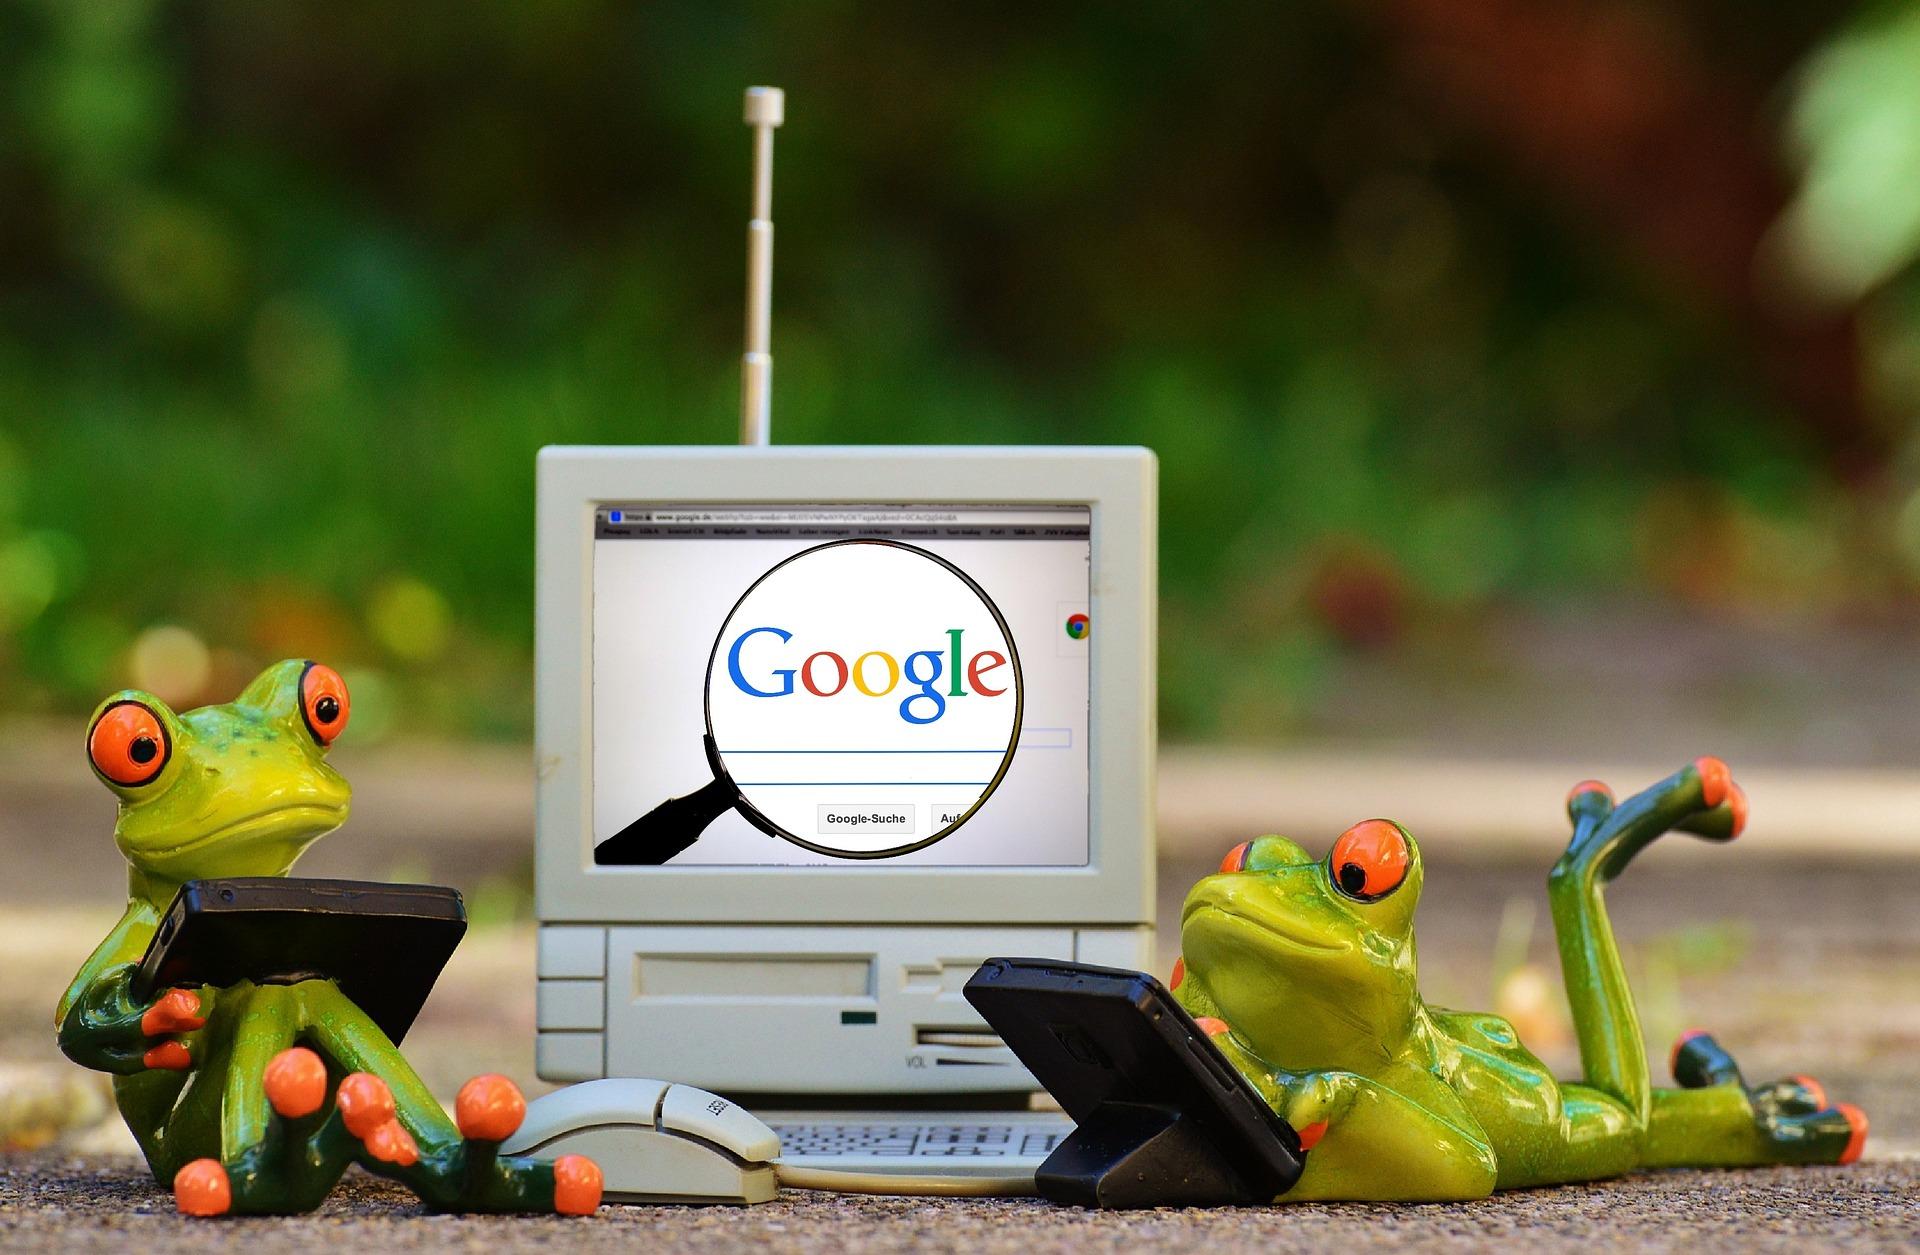 Google_est_il_la_prochaine_force_de_gestion_des_investissements_à_prendre_en_compte_?